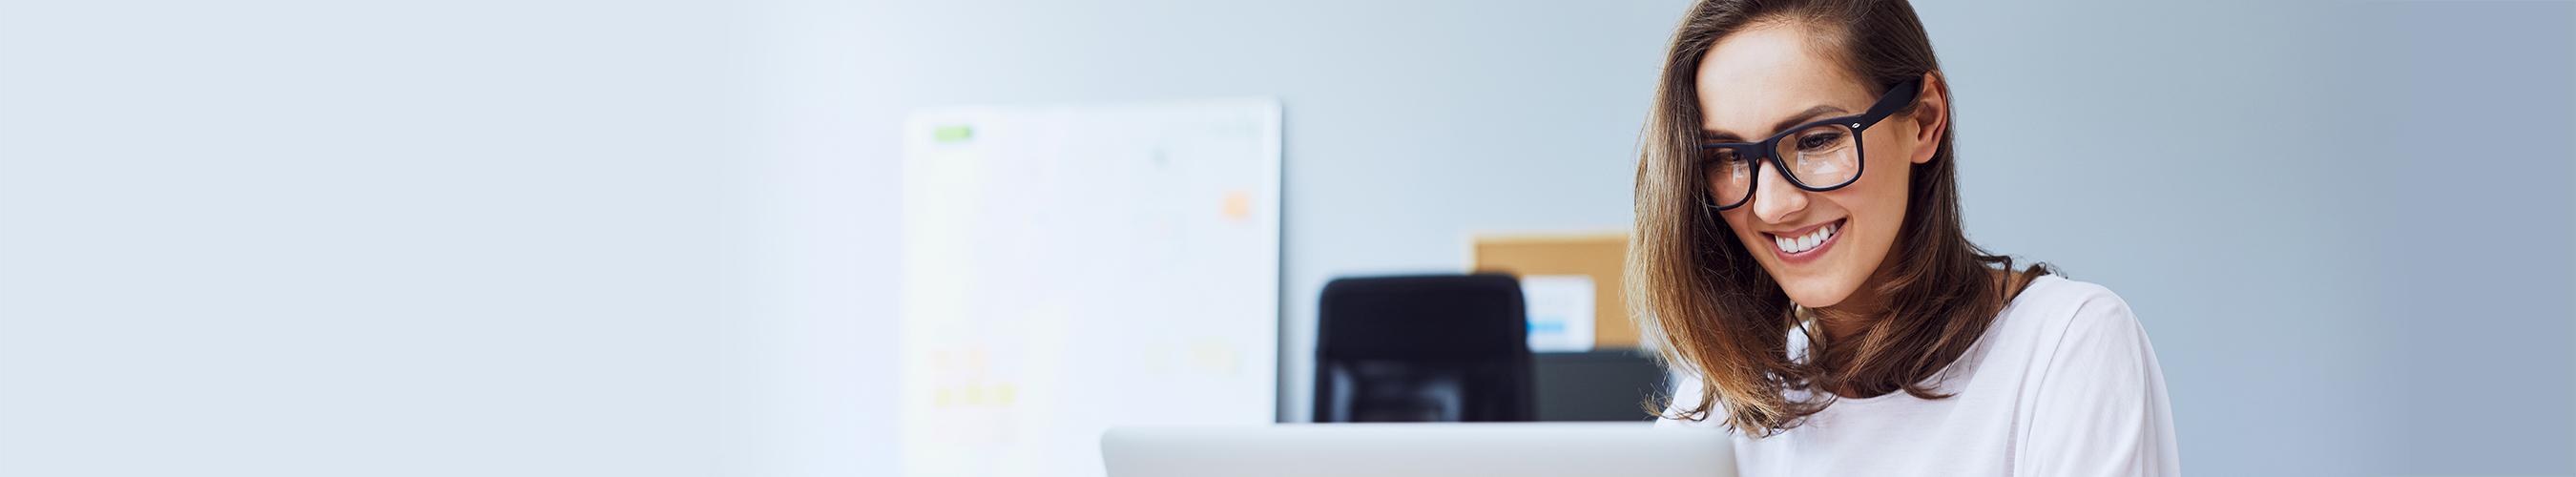 Junge Frau mit brille sitzt vor Laptop; Bild zum Job des Monats als Enterprise Architekt